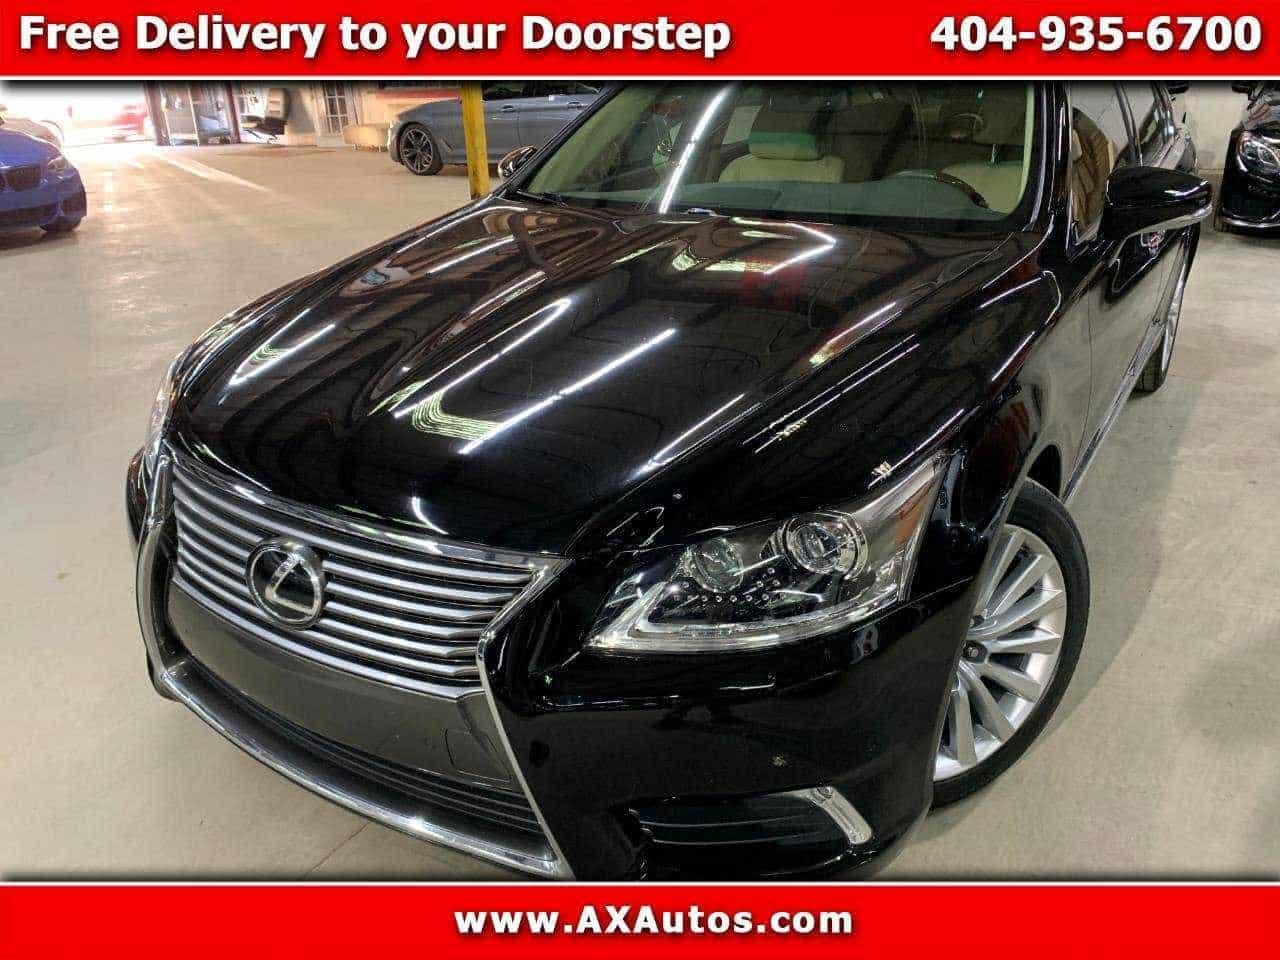 New black Lexus vehicle